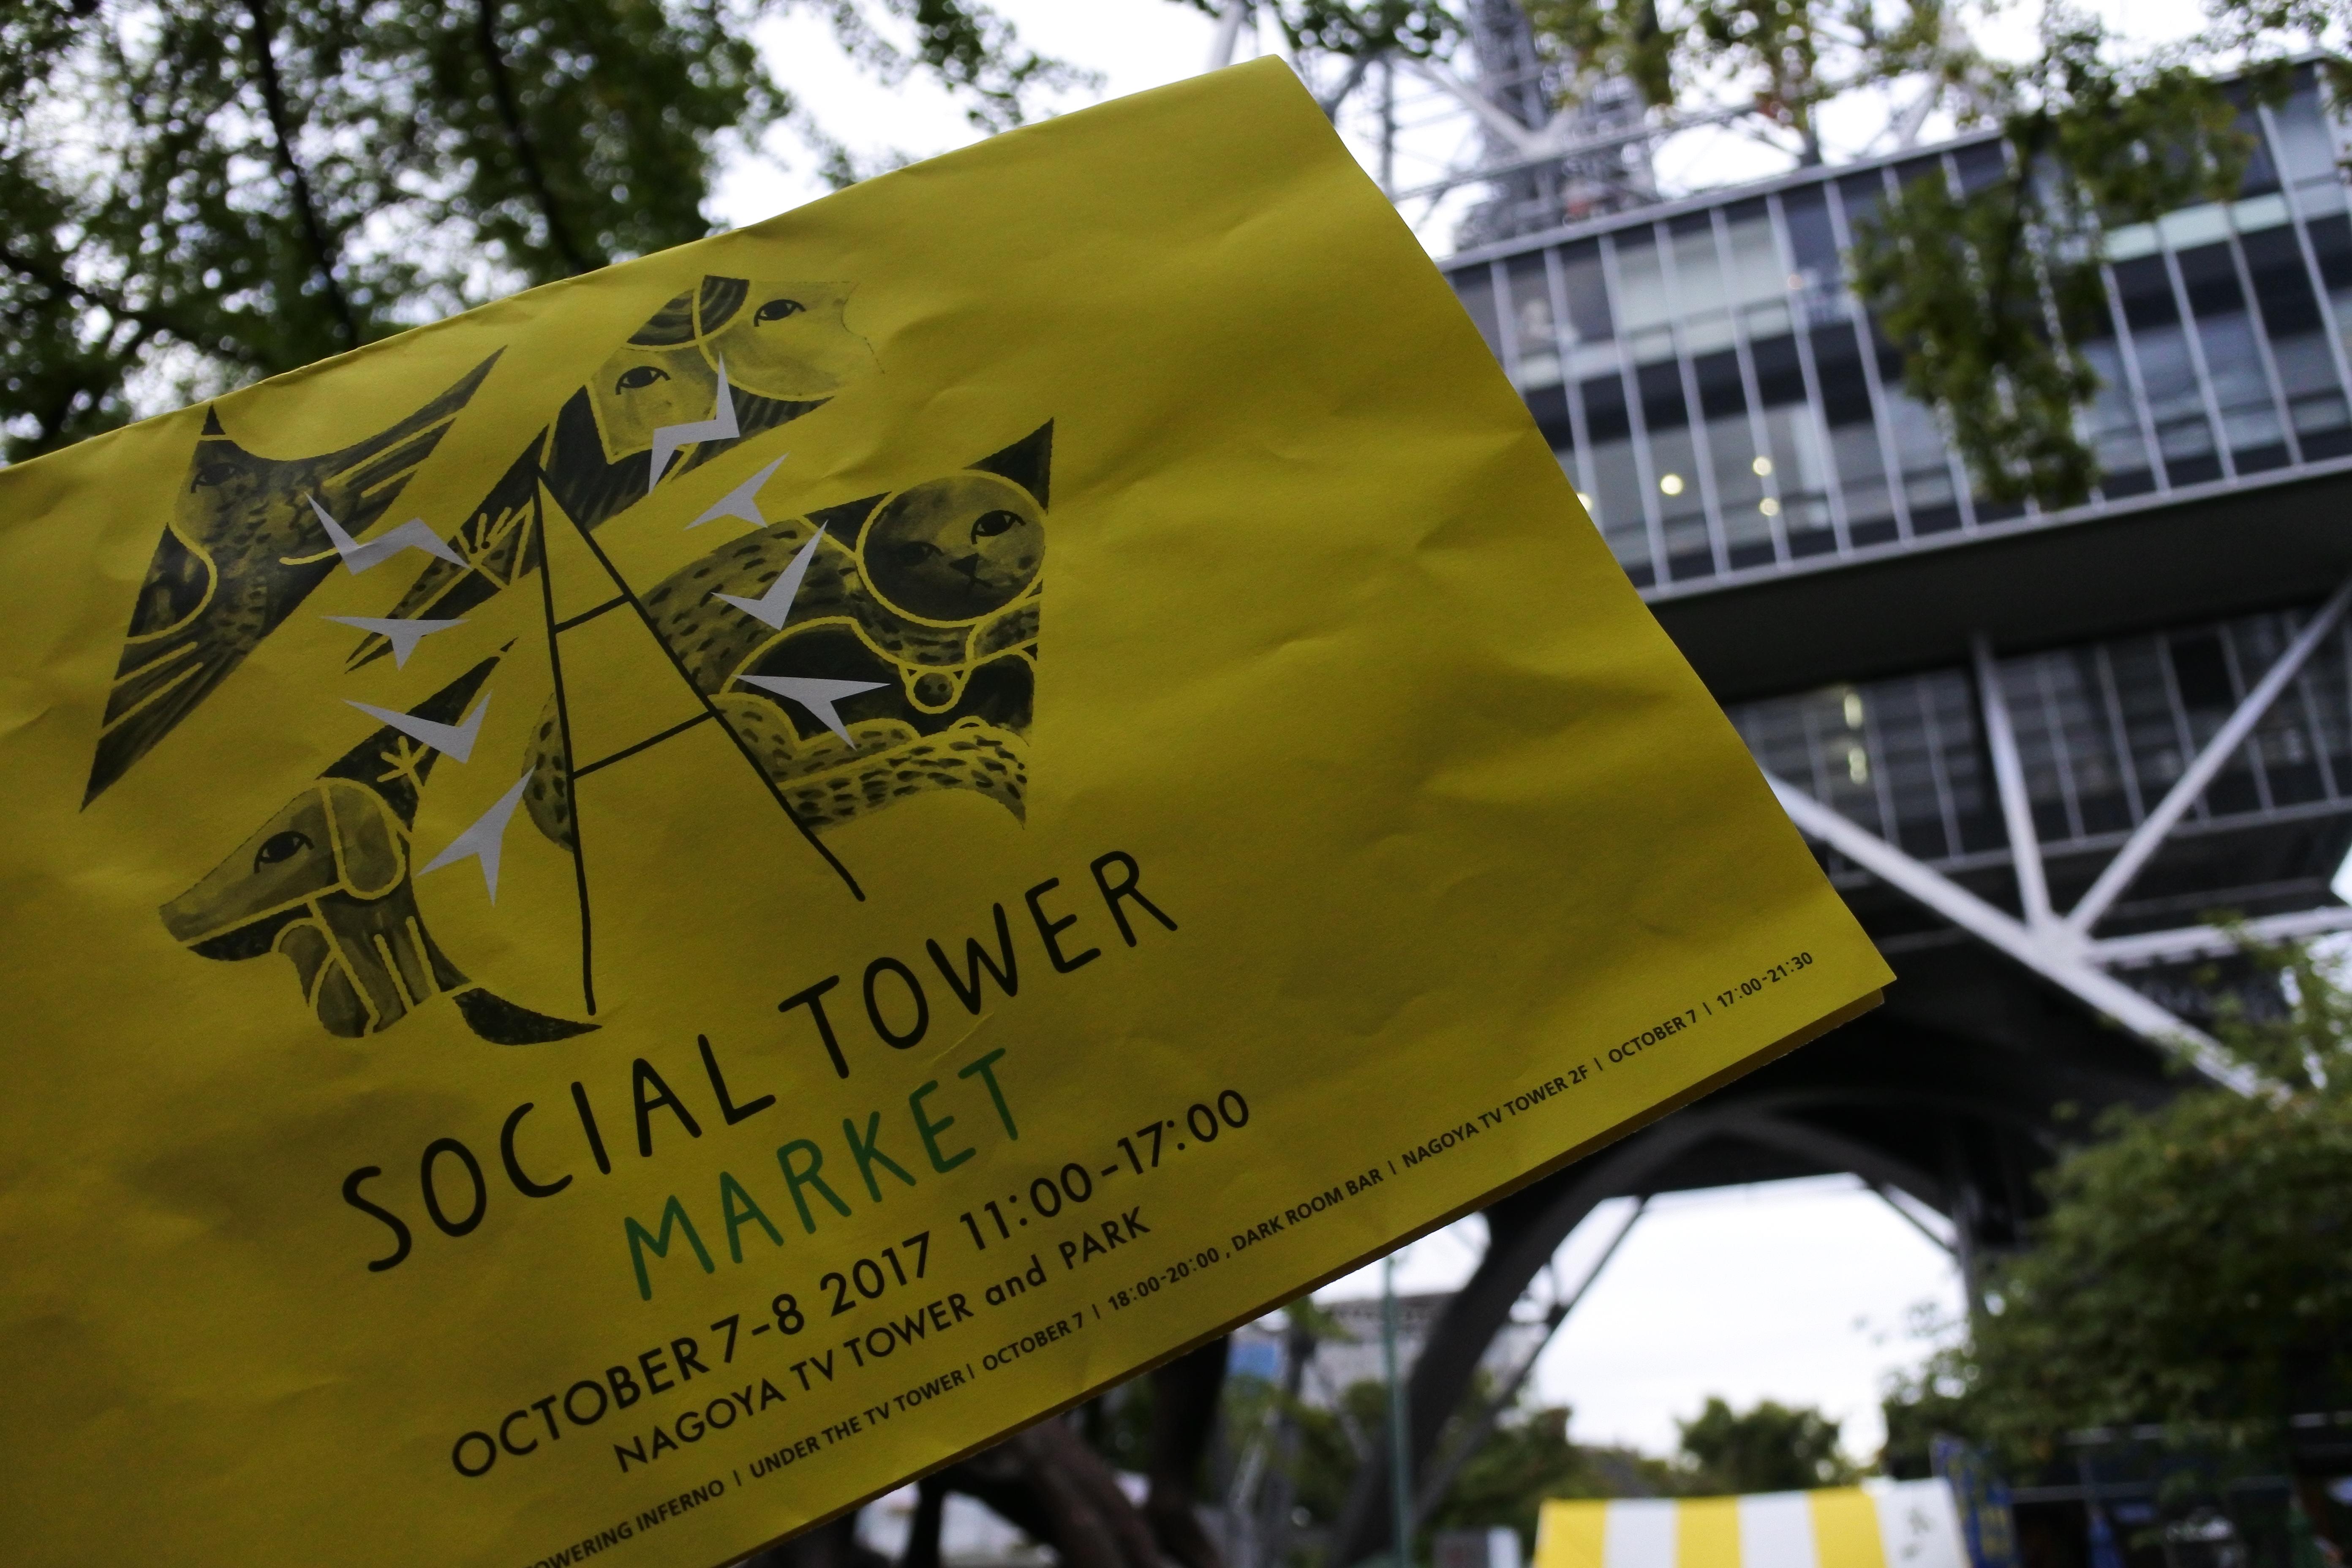 見所をレポート!テレビ塔周辺で今年も大盛り上がり「ソーシャルタワーマーケット」 - DSC 4944